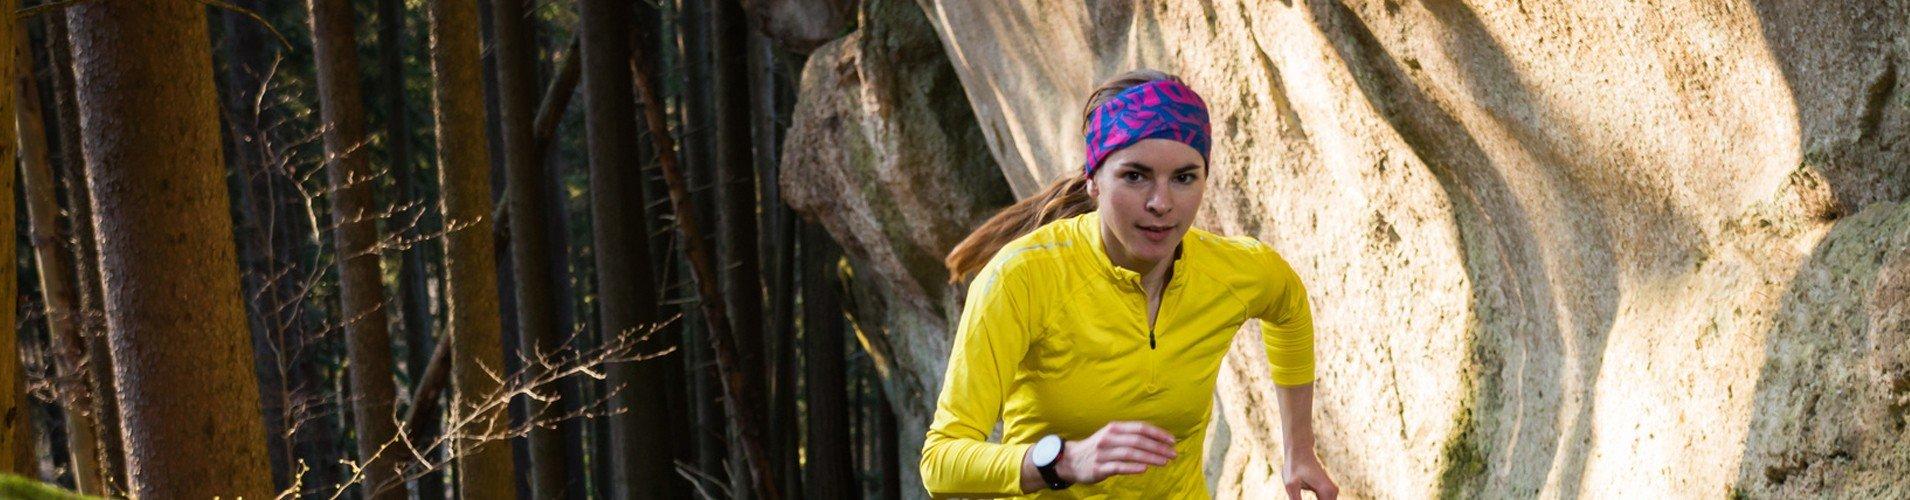 Joggende Frau im Wald vor einer Felswand